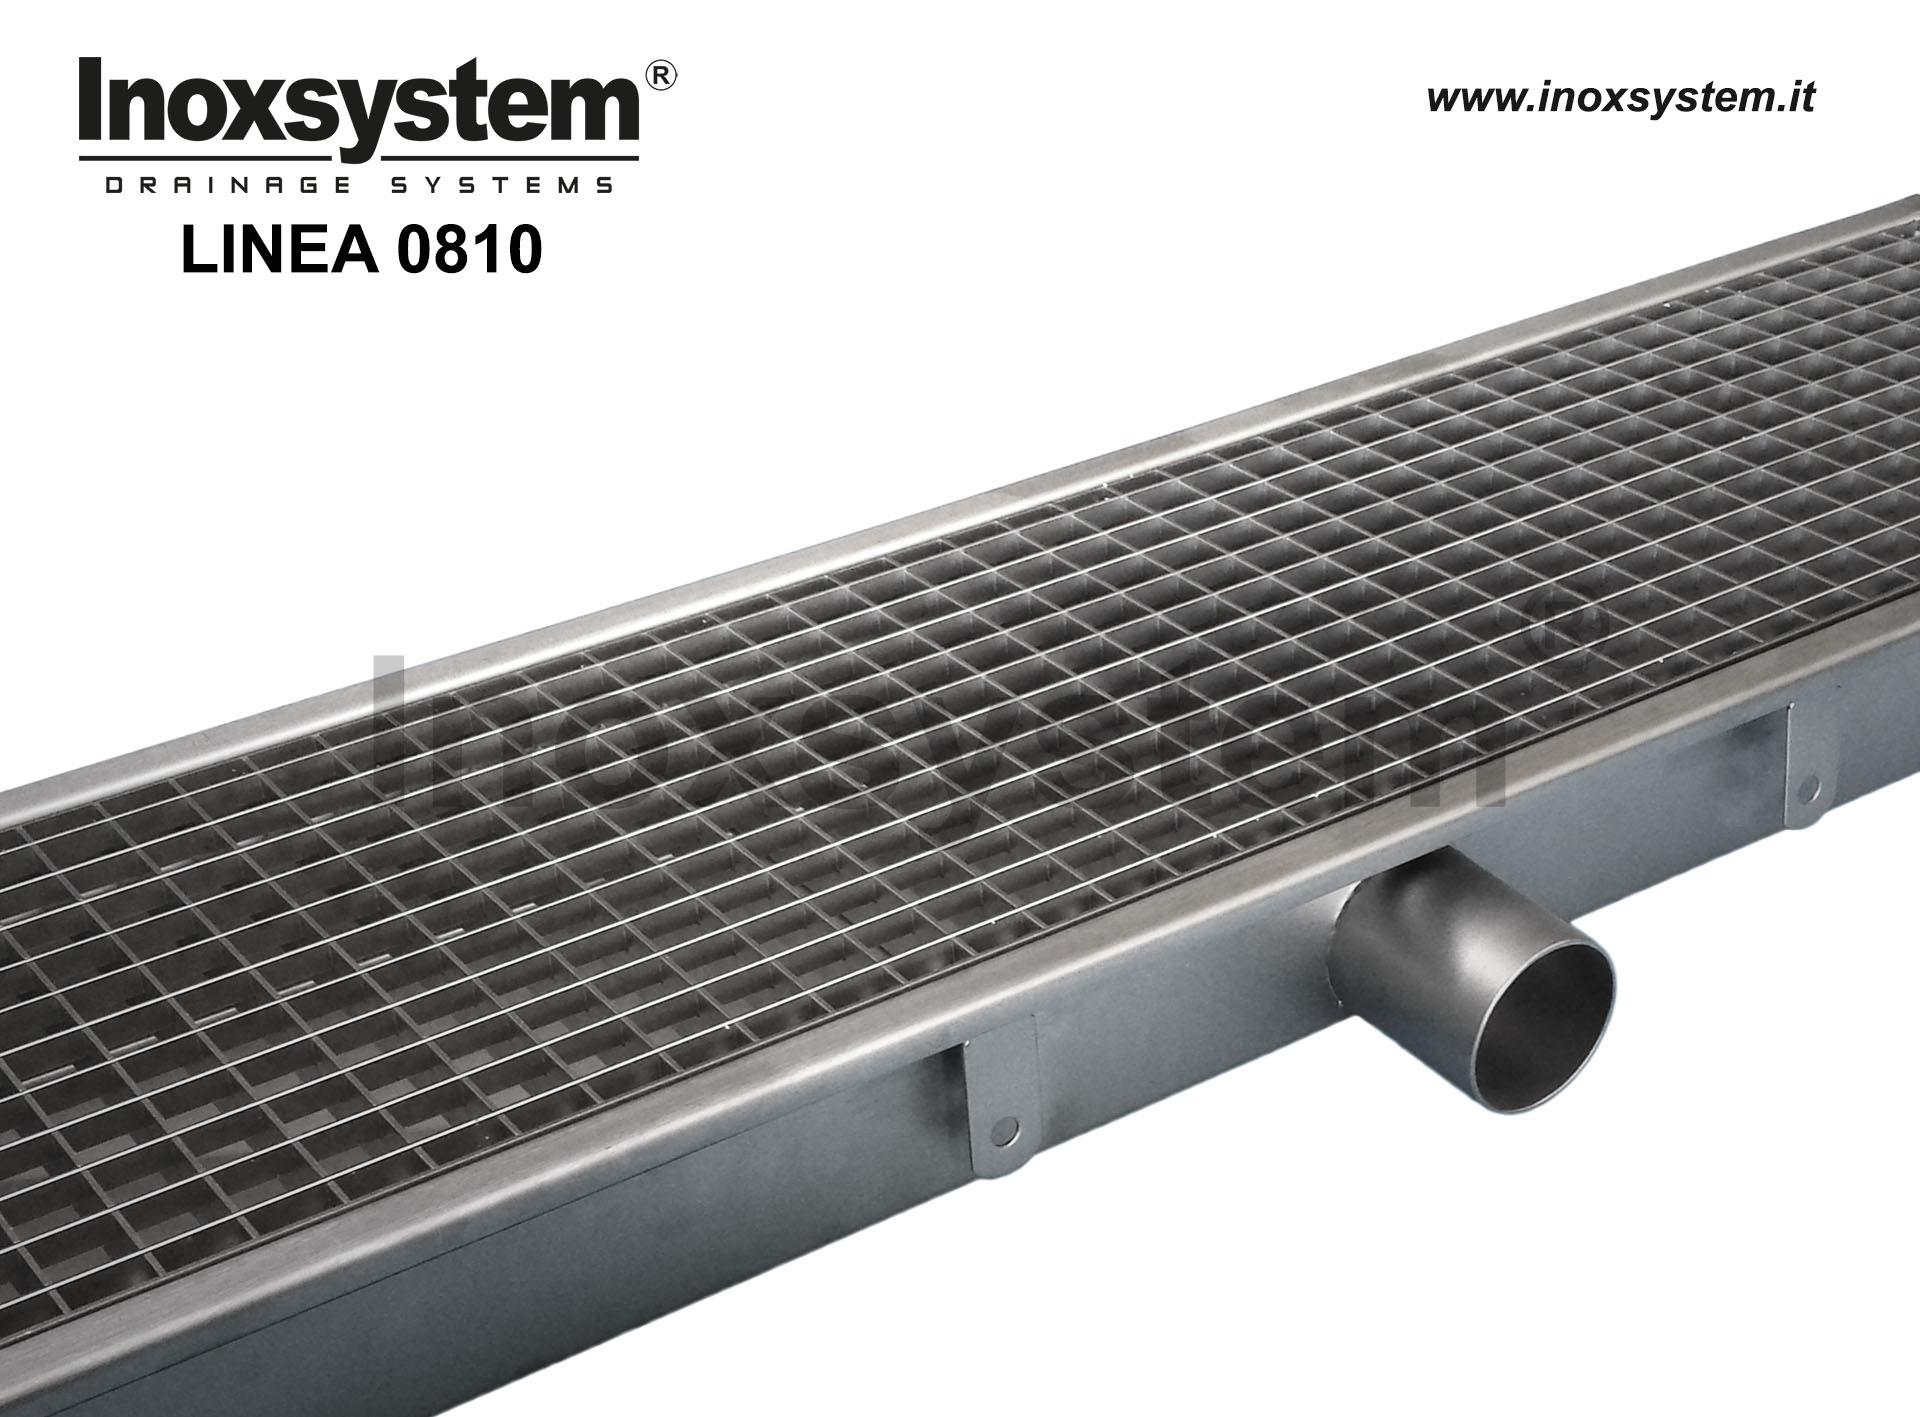 Canales en acero inoxidable con rejilla estándar con salida directa sin sifón y filtro extraíble